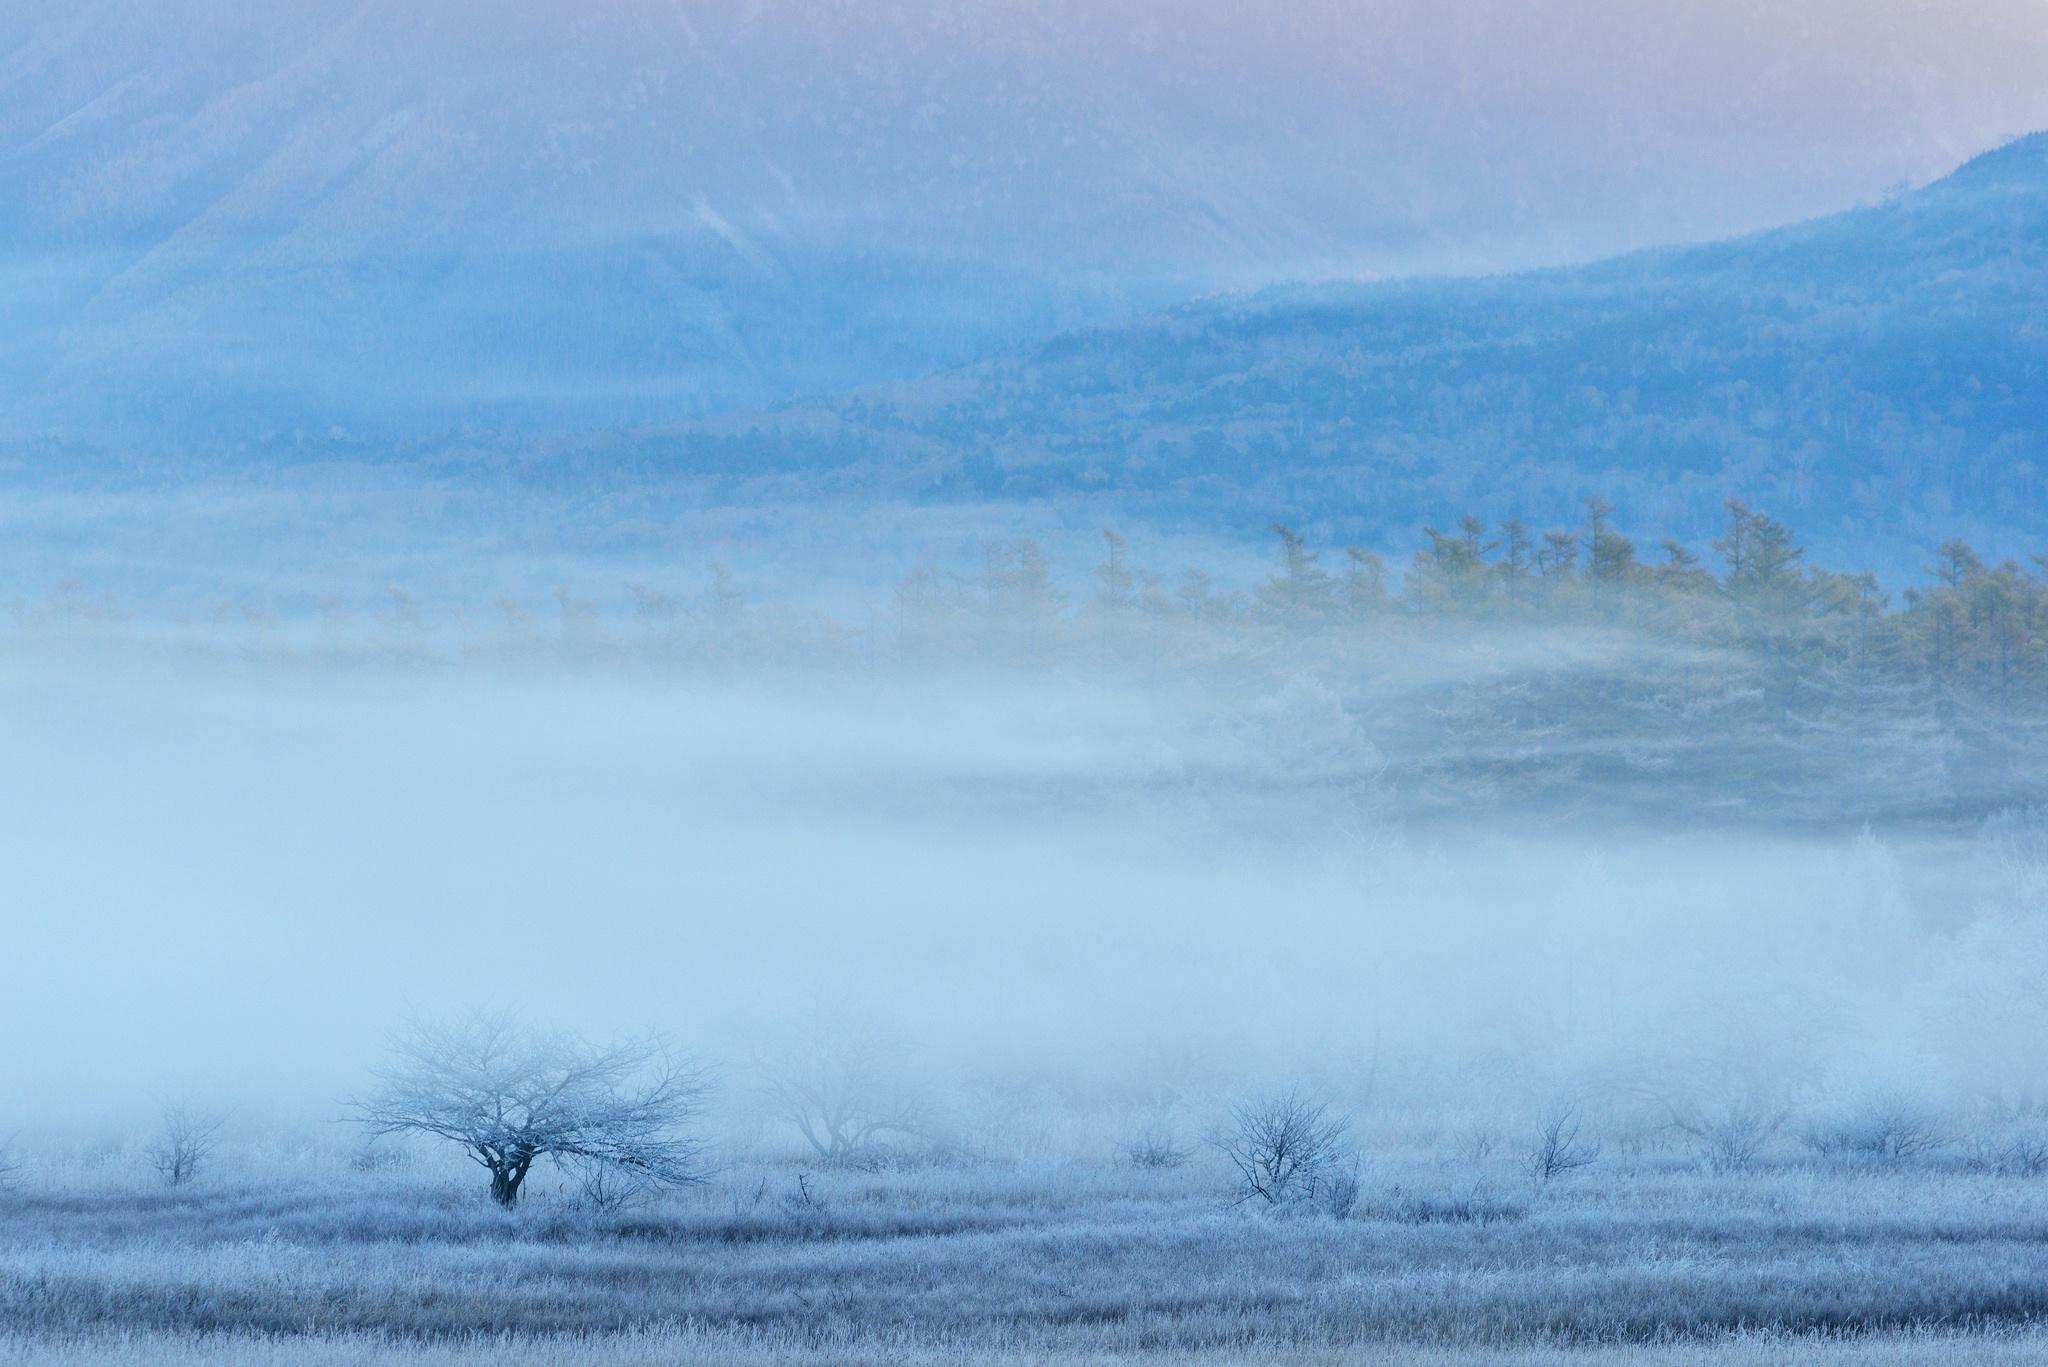 горы туман обои